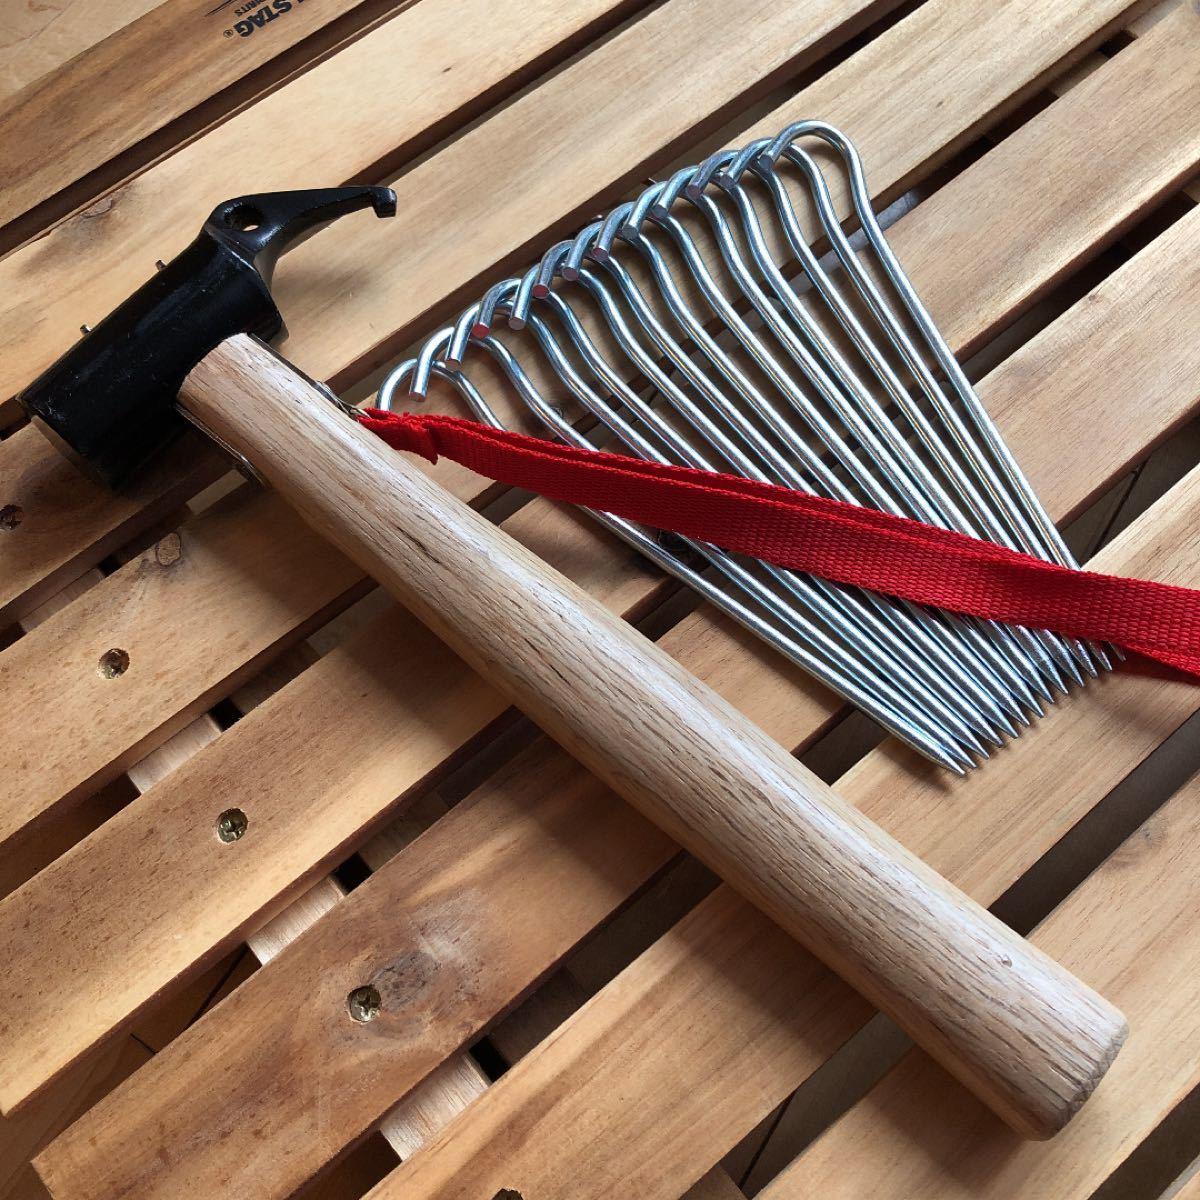 新品 ペグハンマー スチールペグ12本セット テントペグ ハンマー 金槌